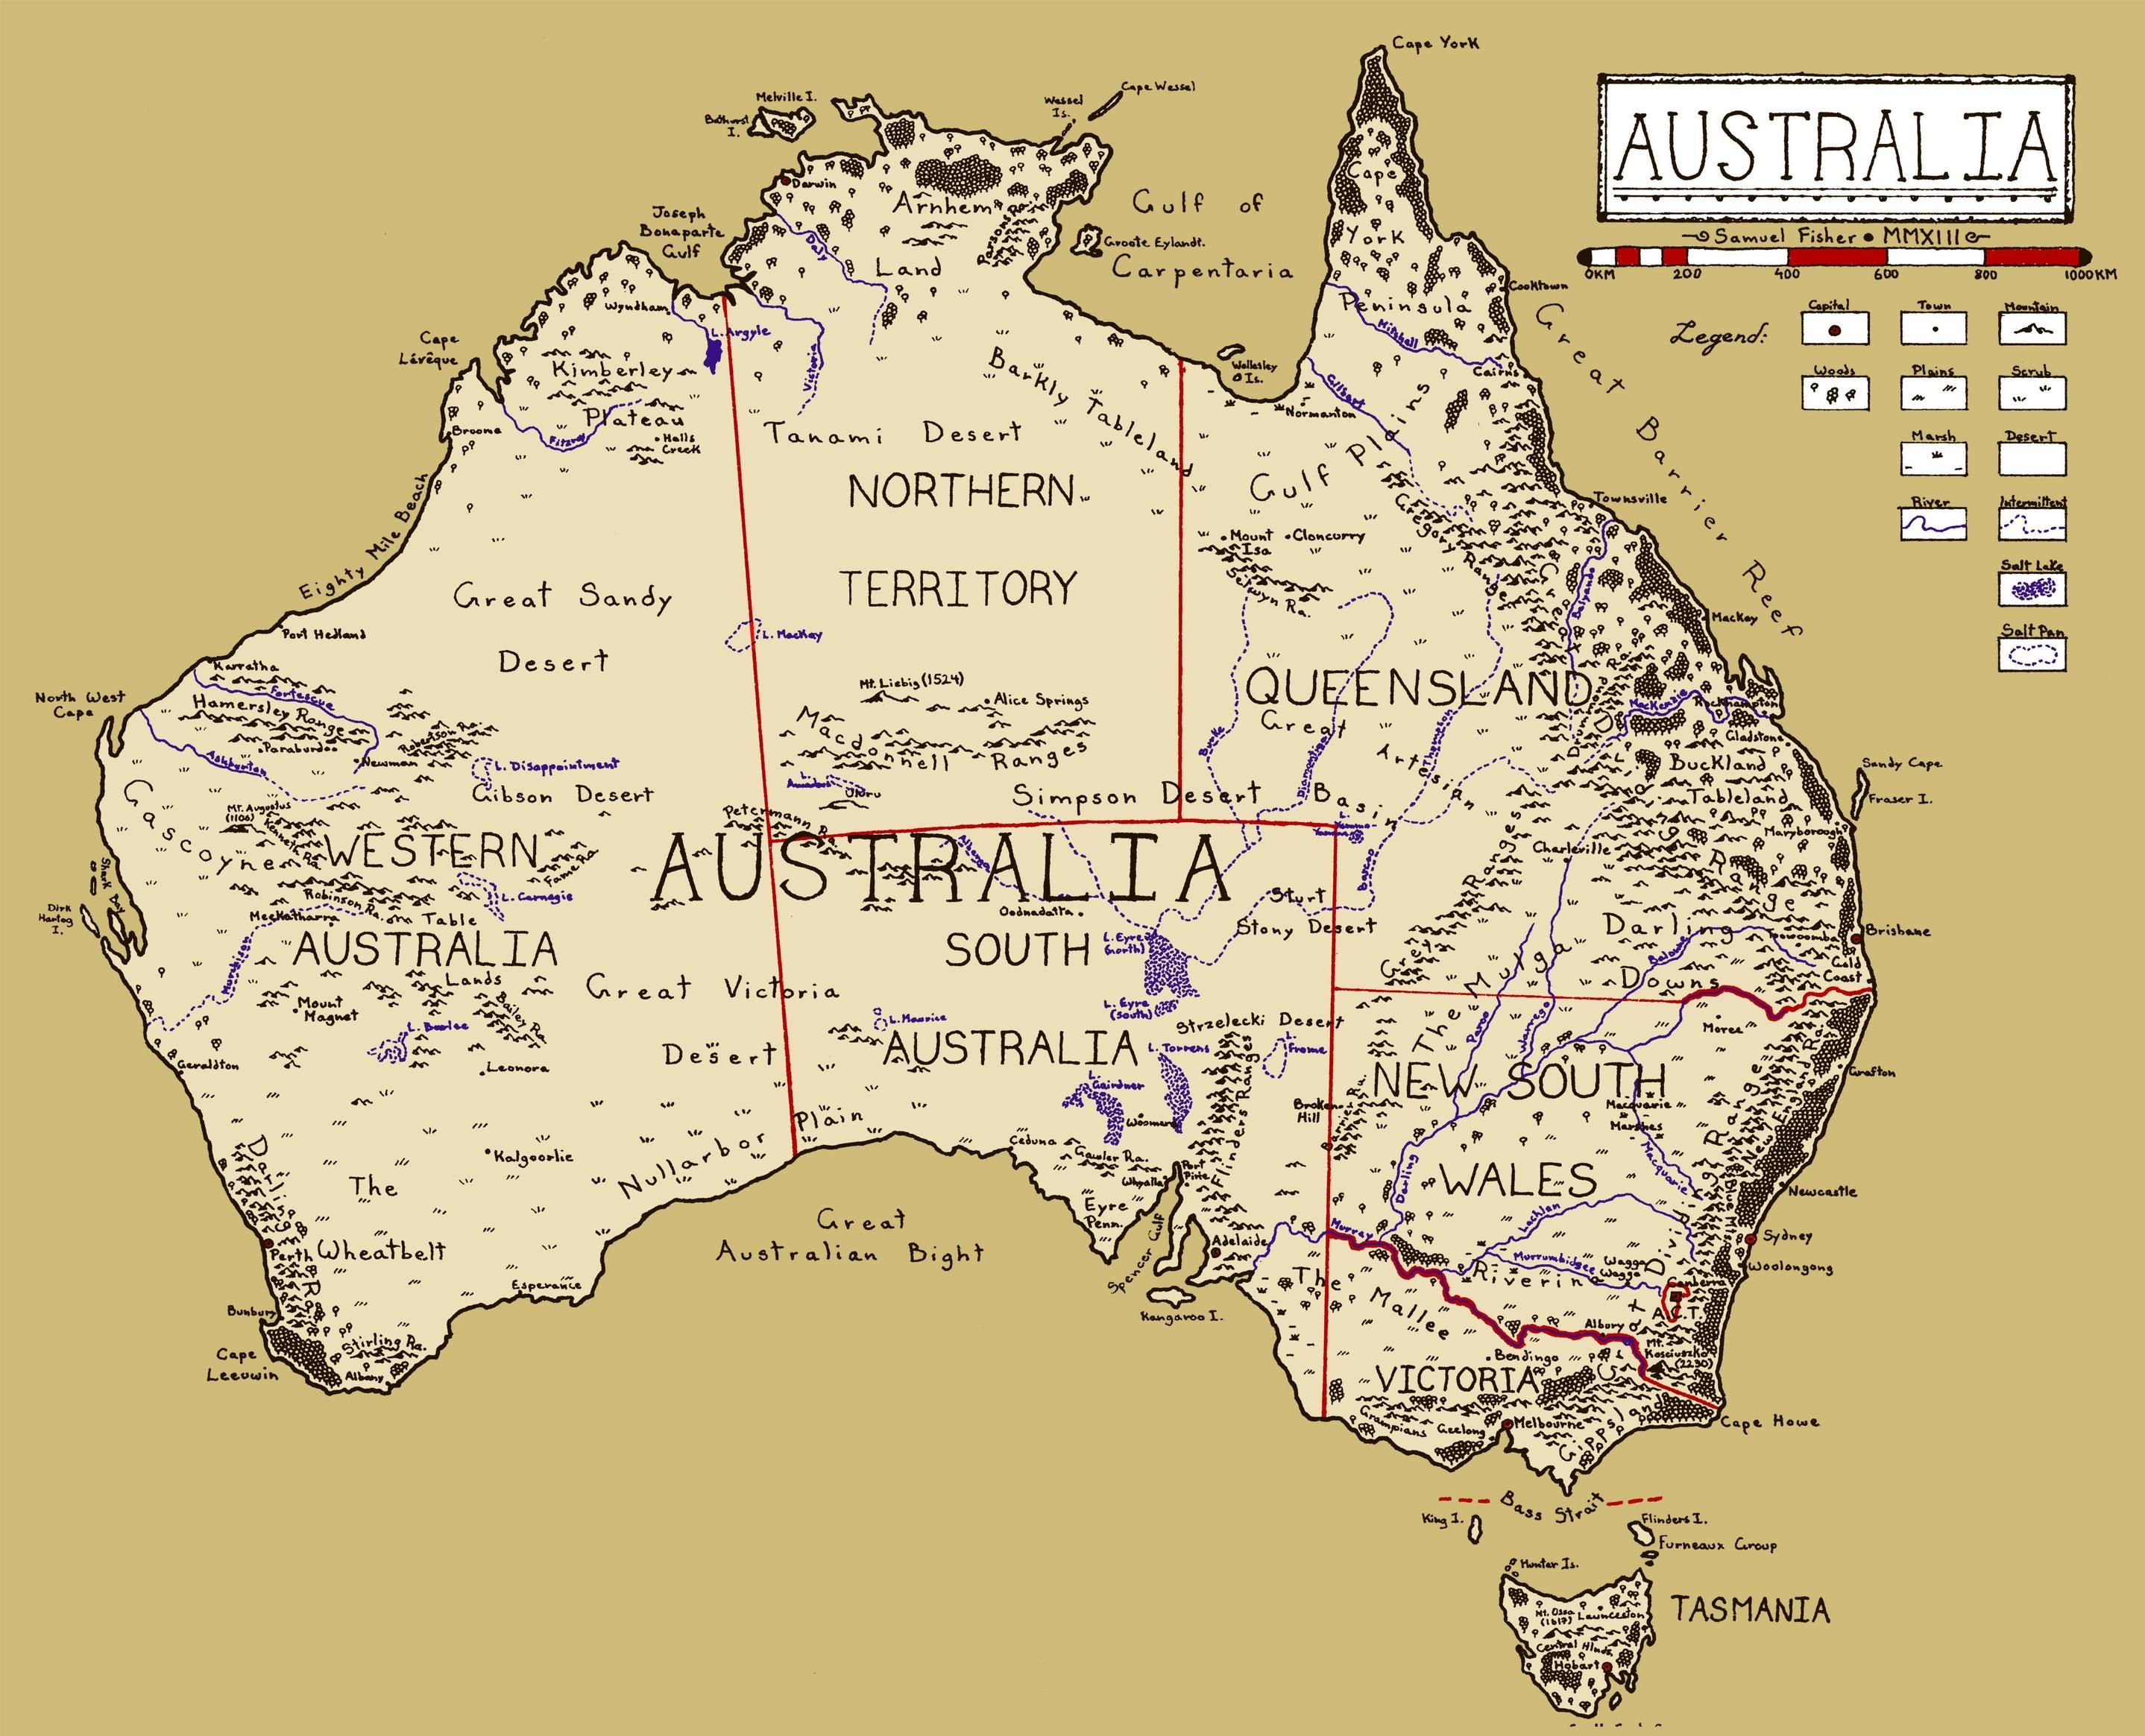 A Map I Drew Of Australia Lotr Style 2877x2329 Maps